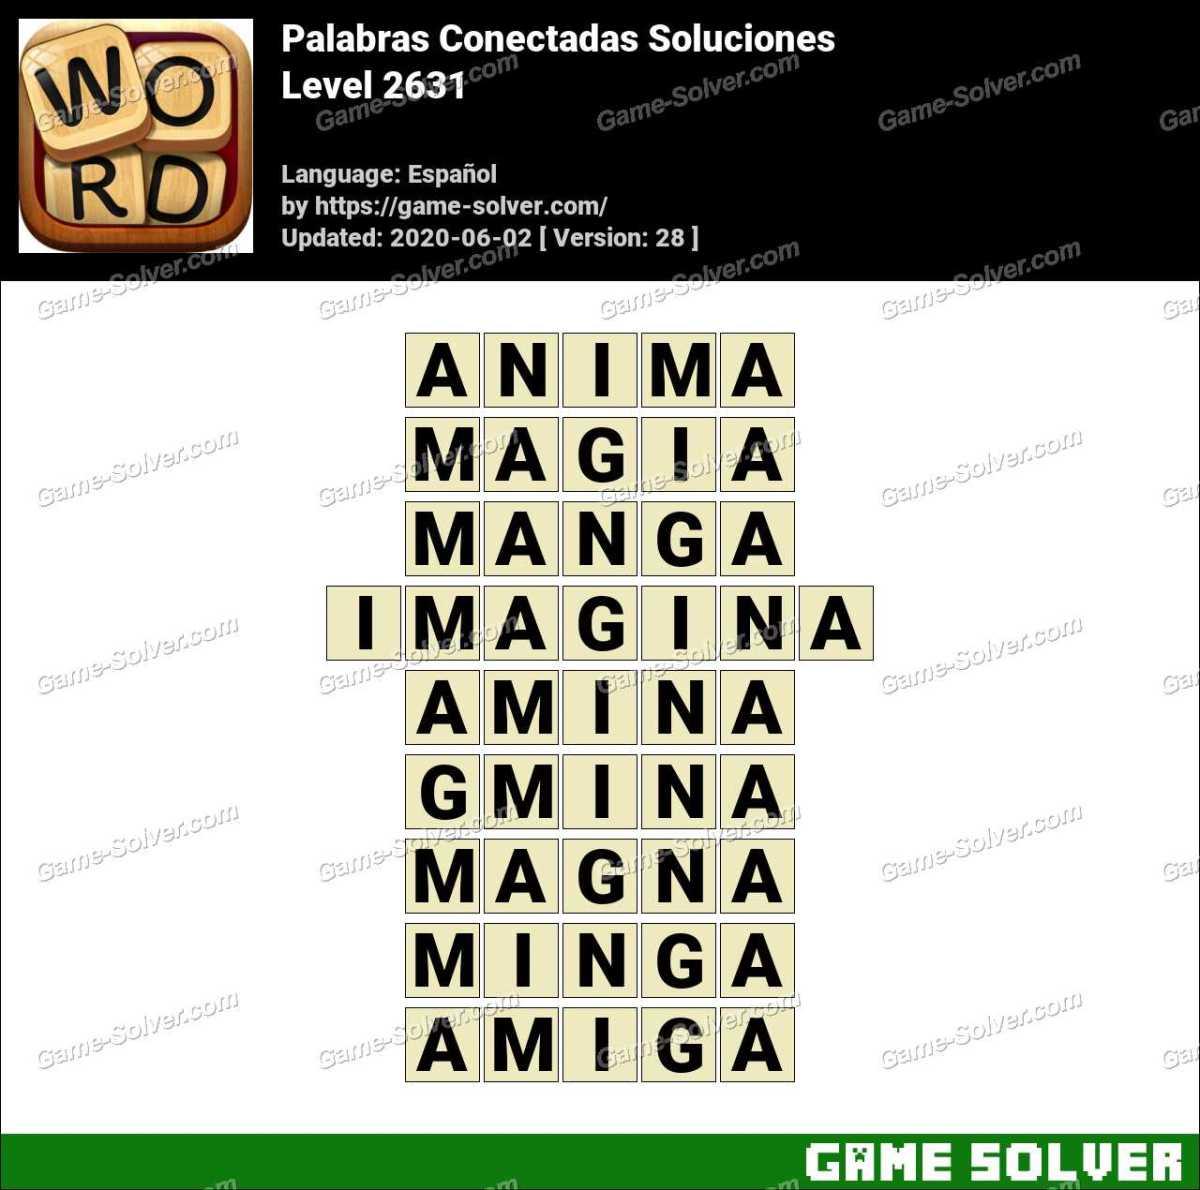 Palabras Conectadas Nivel 2631 Soluciones